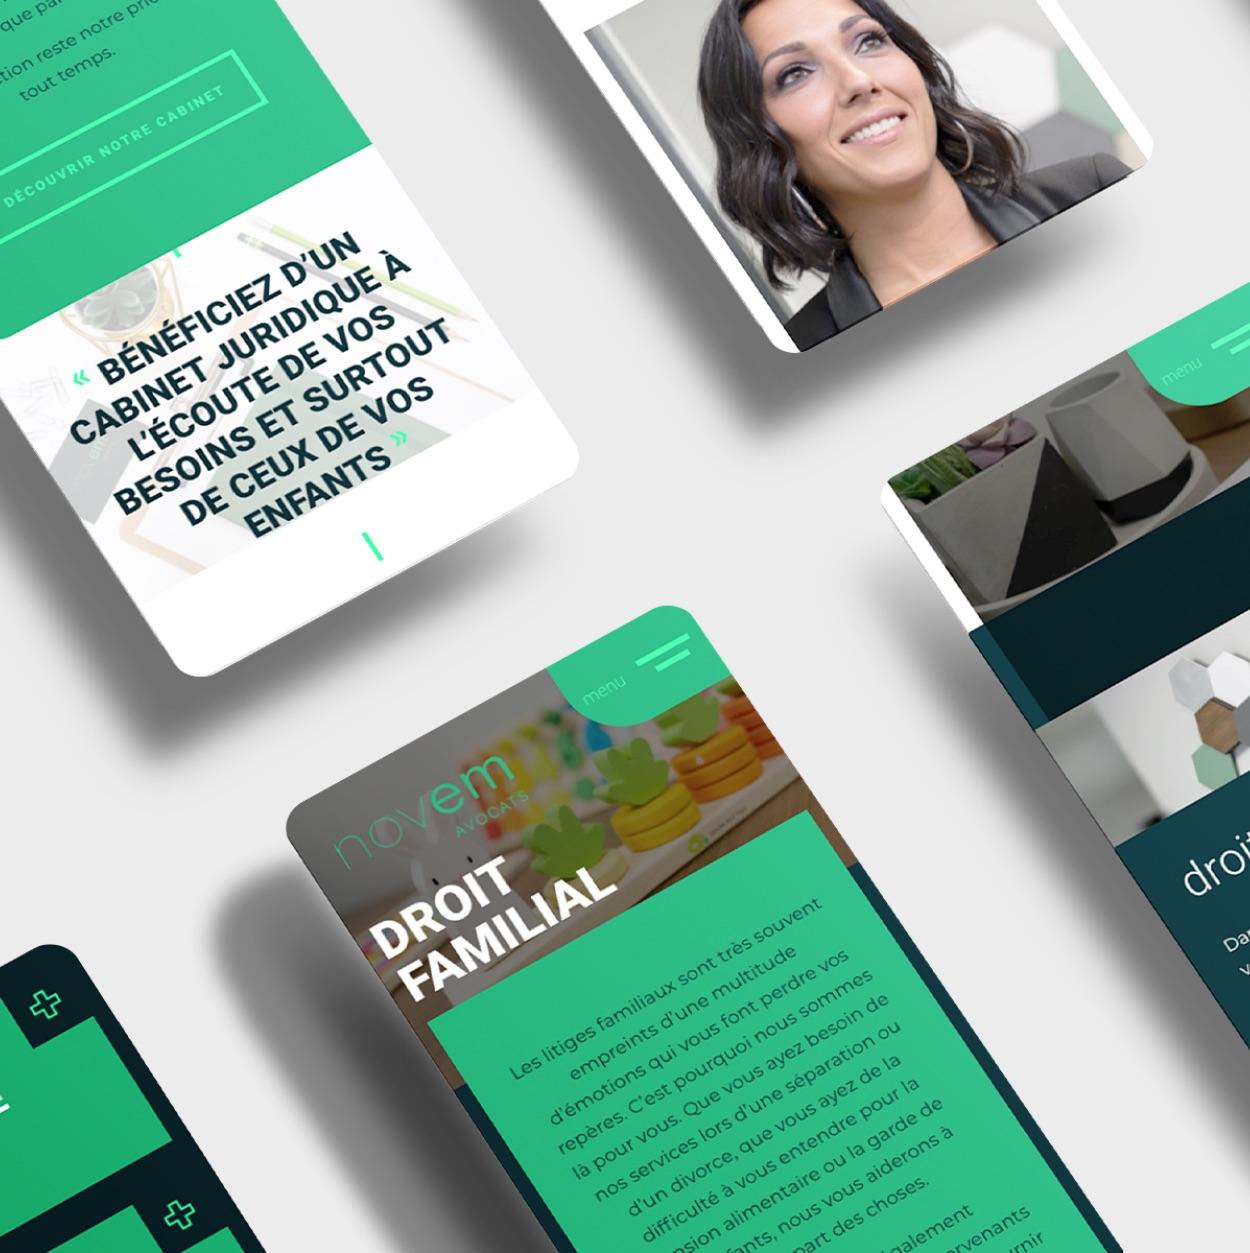 Information juridique | Accès sur téléphone | Design responsive